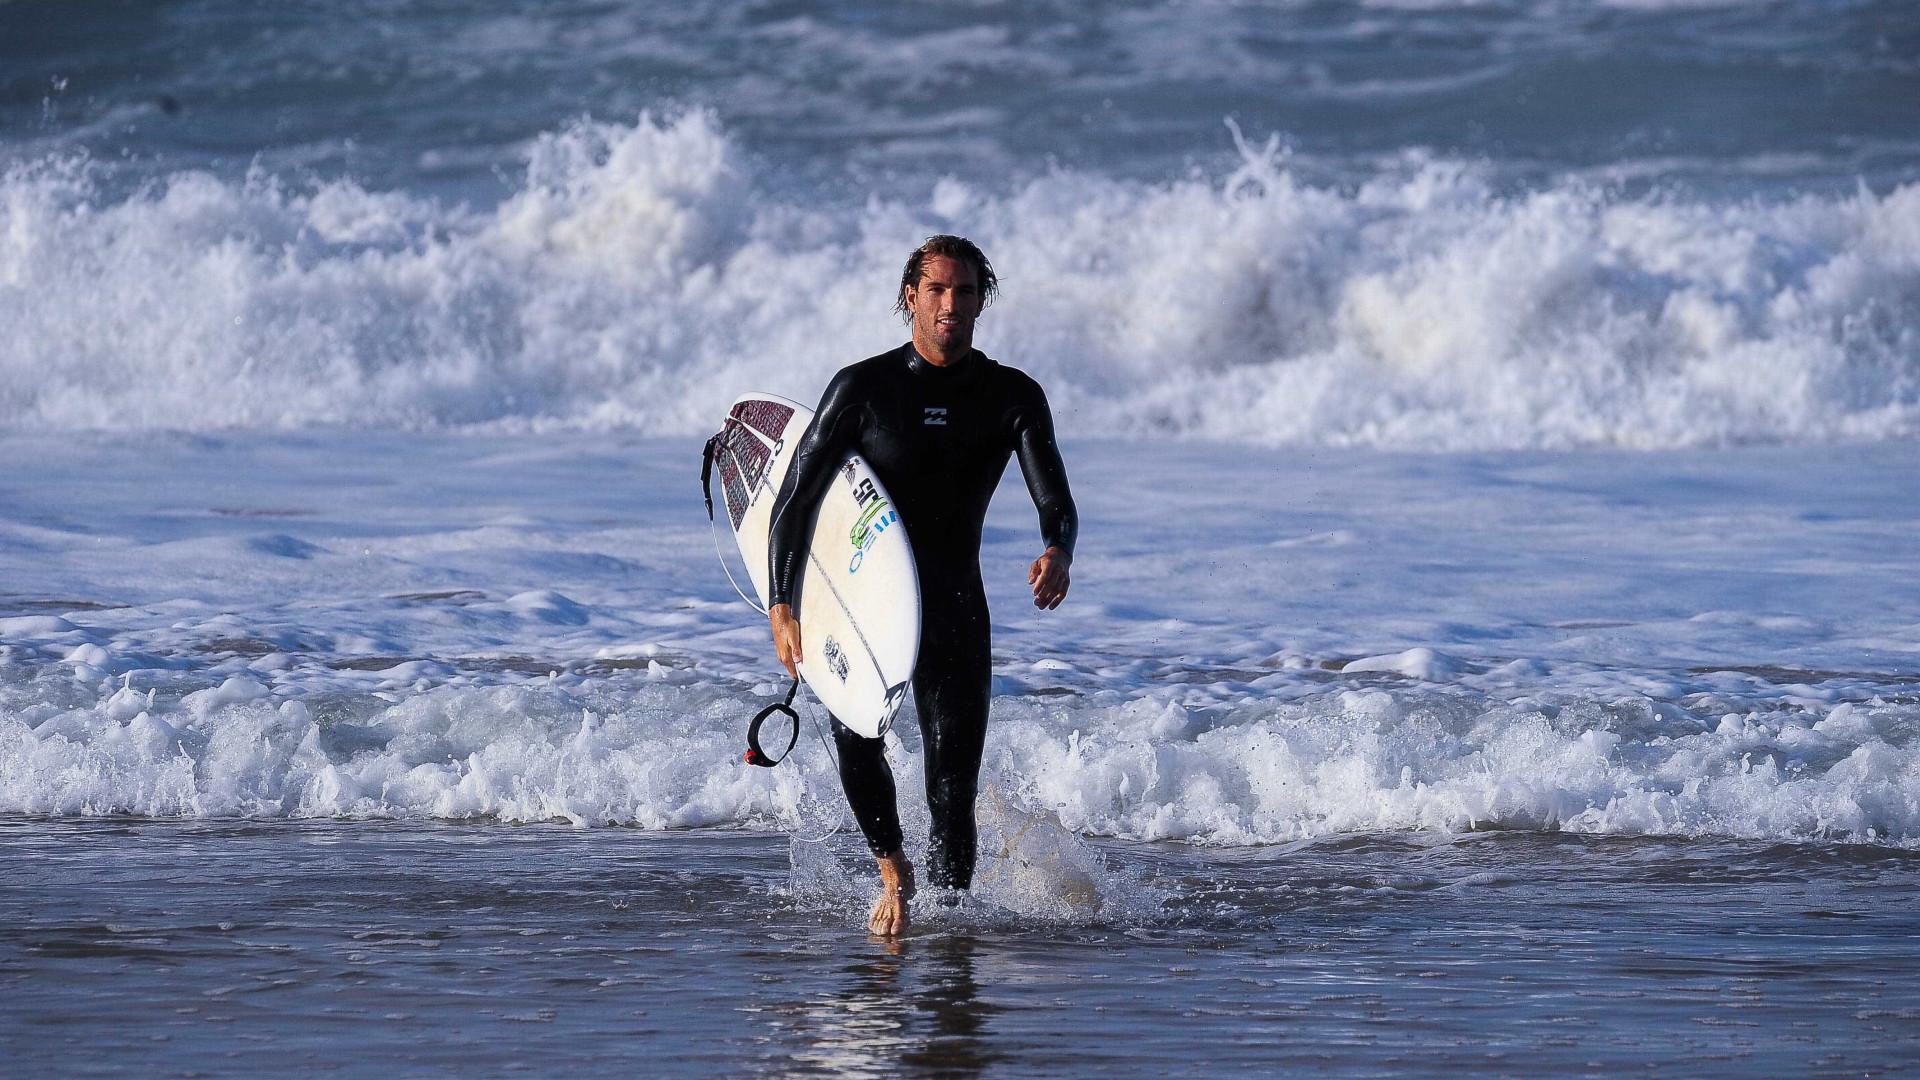 Circuito Mundial De Surf : Notícias ao minuto etapa de peniche do circuito mundial de surf já